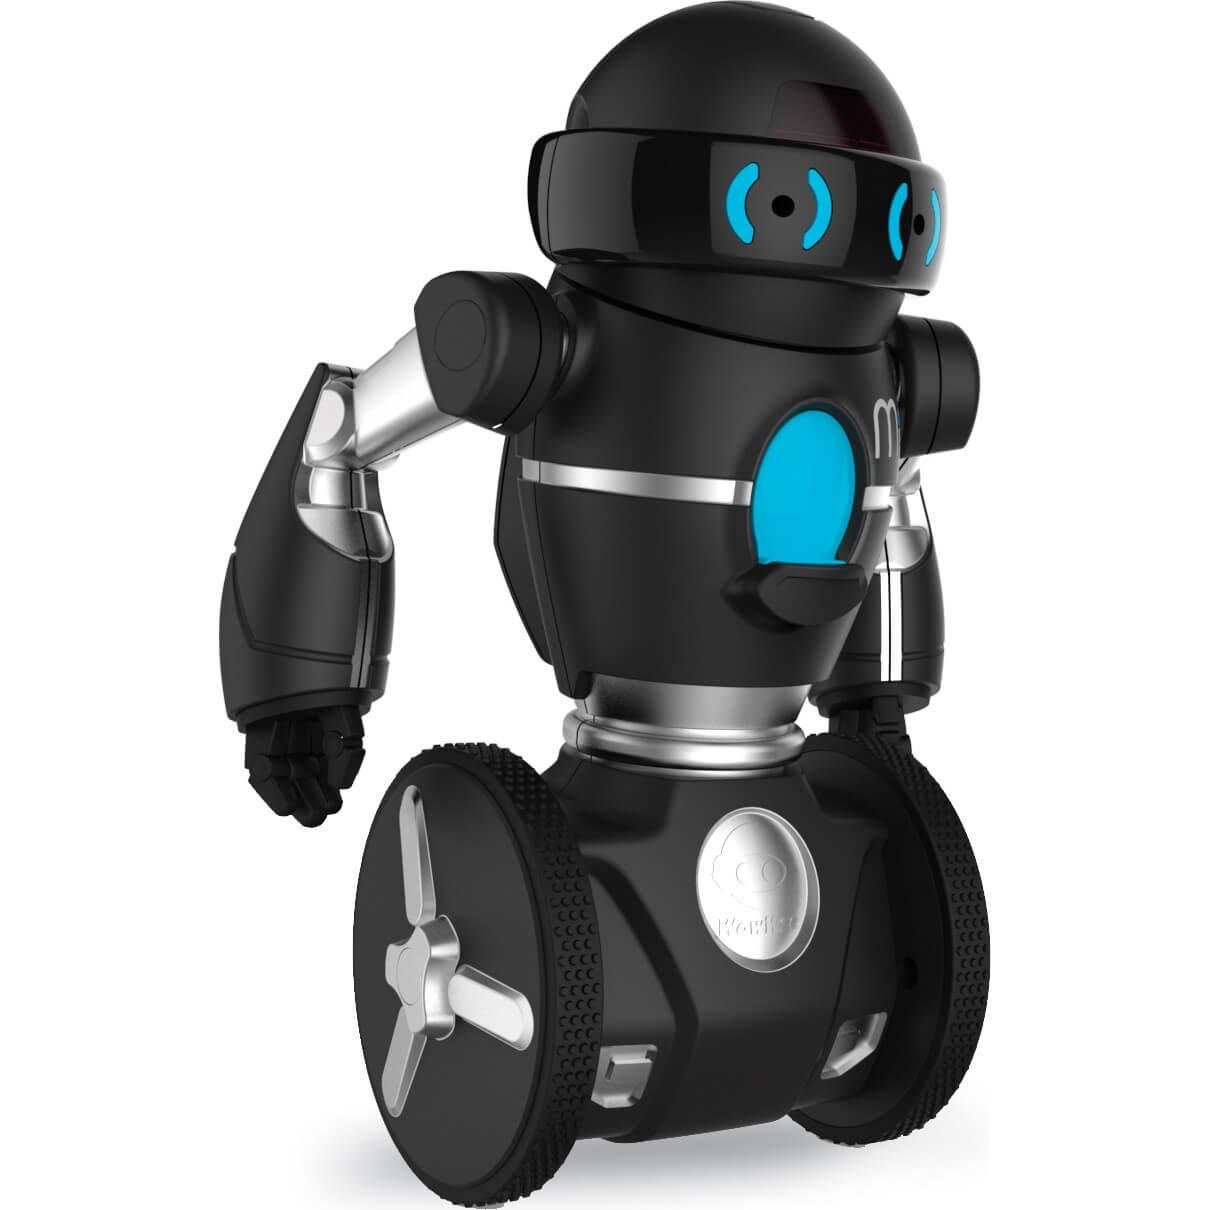 Meilleur robot jouet 2019